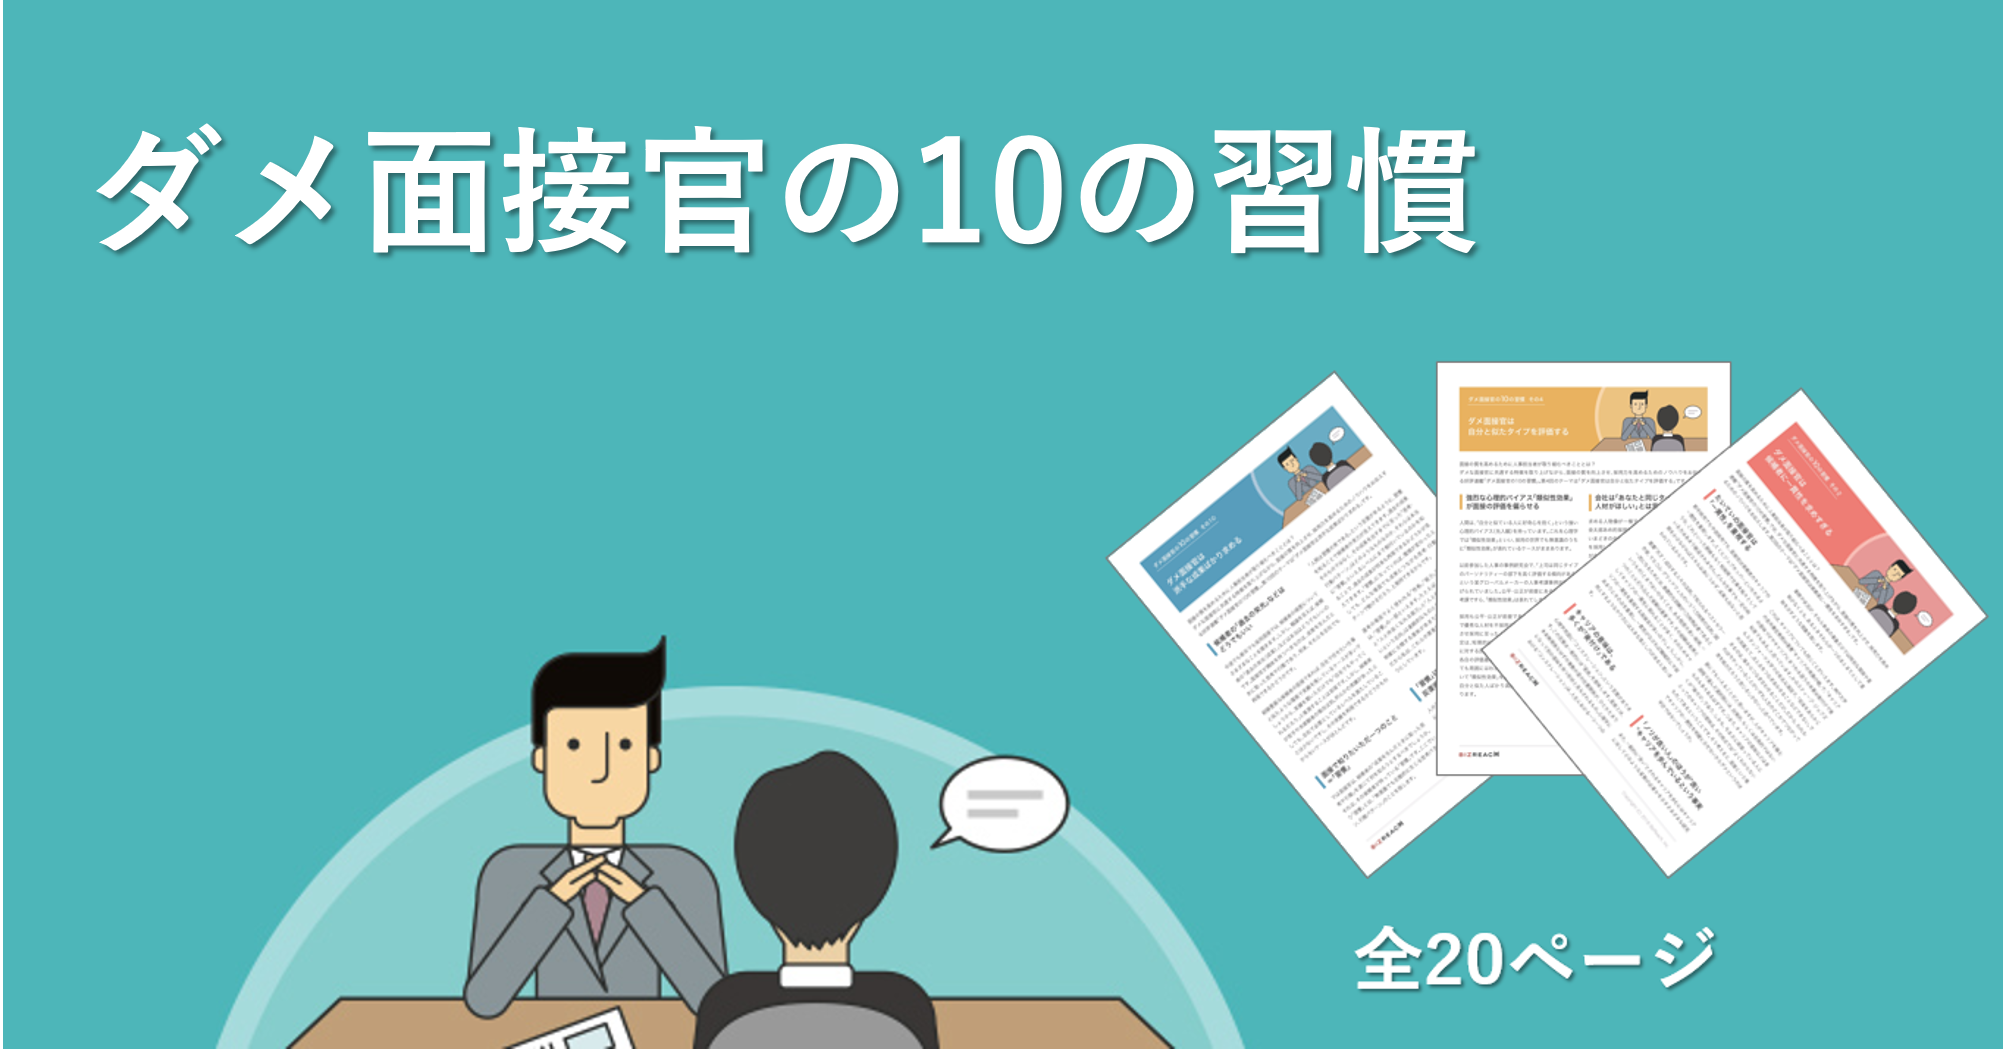 【人気ダウンロード資料】ダメ面接官の10の習慣